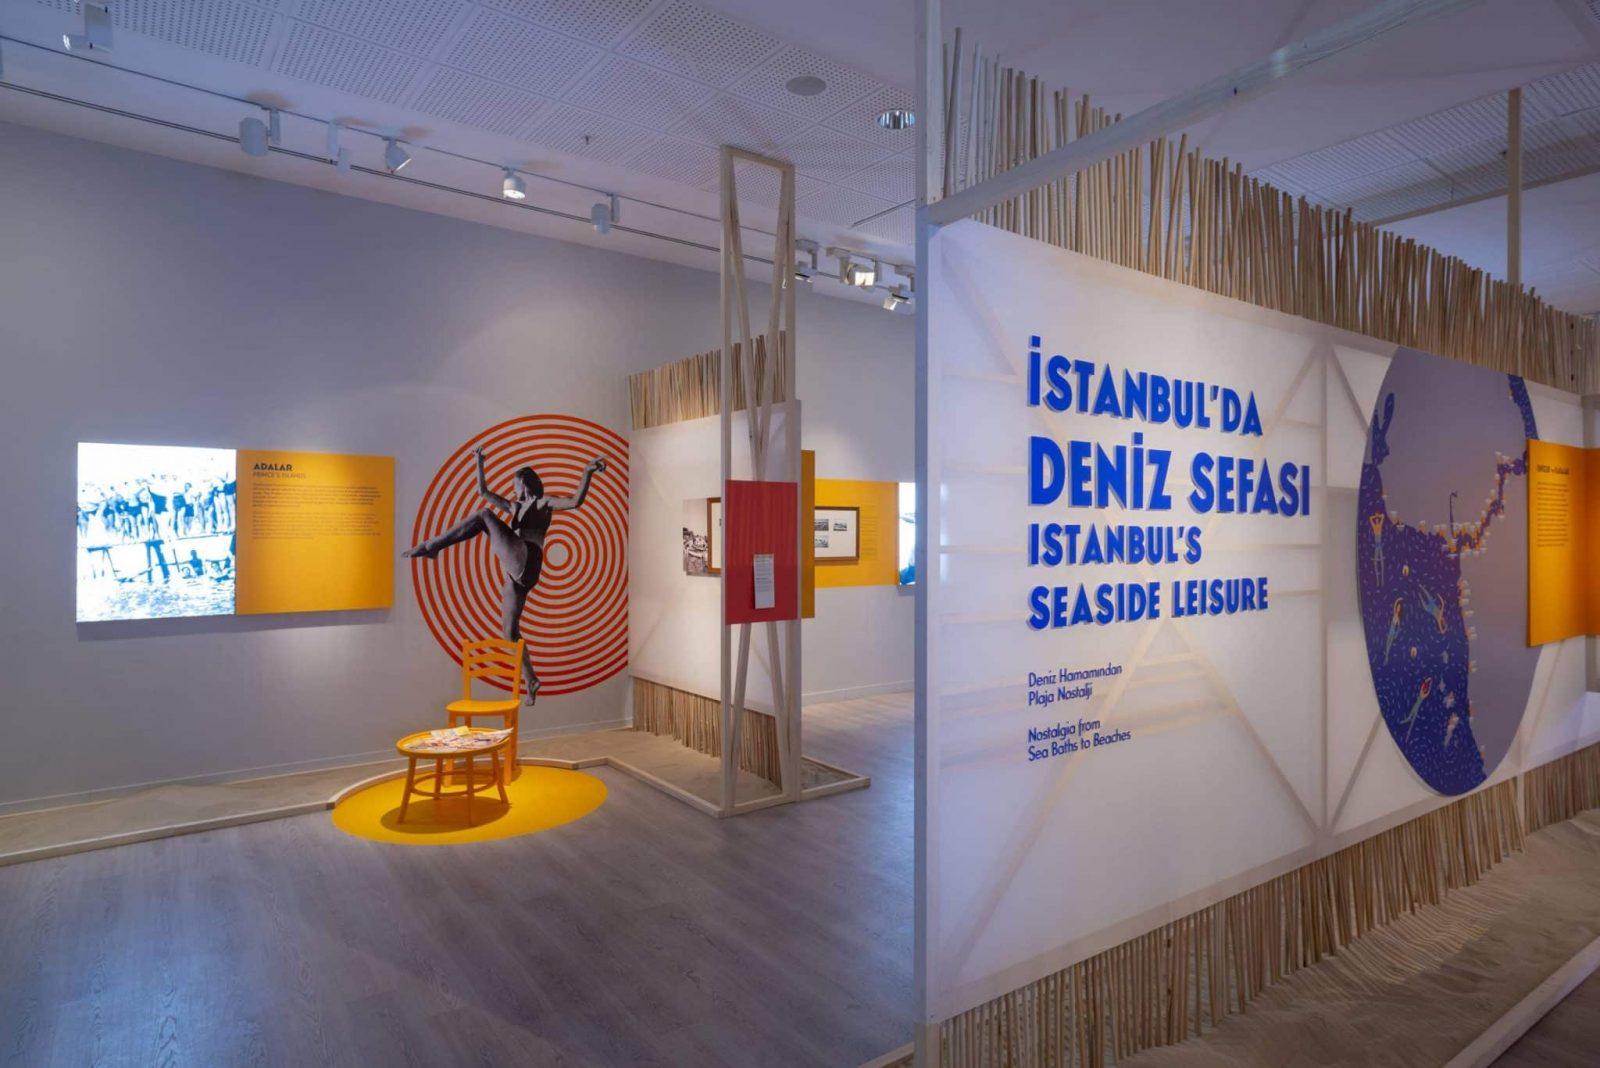 pera müzesi deniz sefası